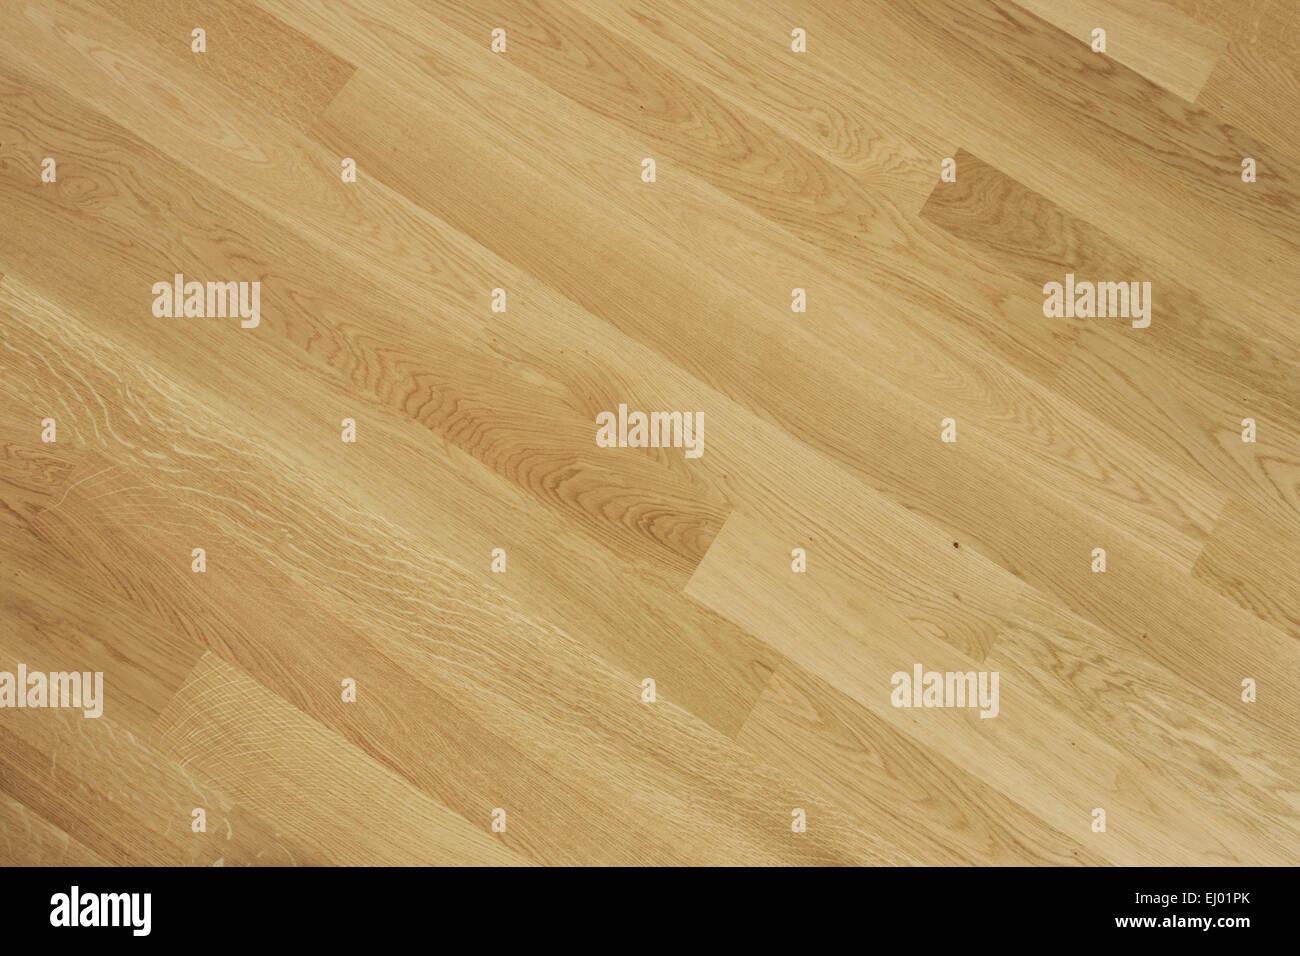 Architecture Floor Paving Tiles Tiles Beech Parquet Floor